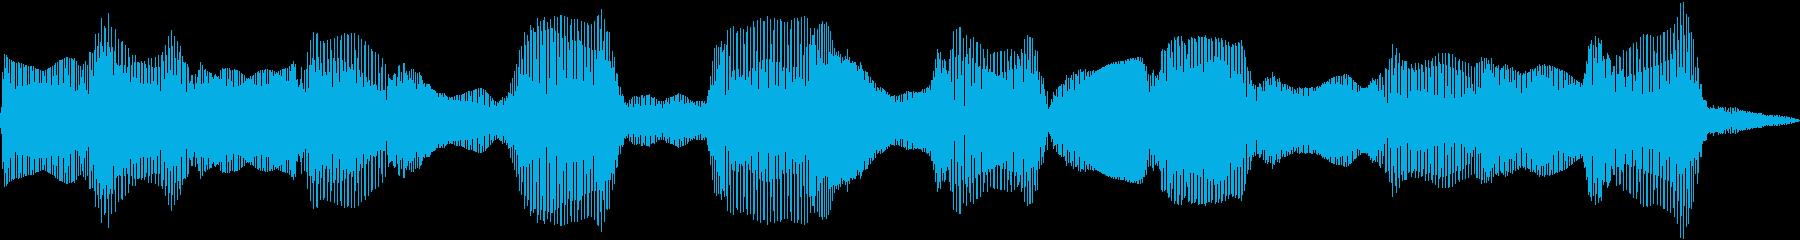 電子シンセ波:中速、低周波宇宙ドロ...の再生済みの波形